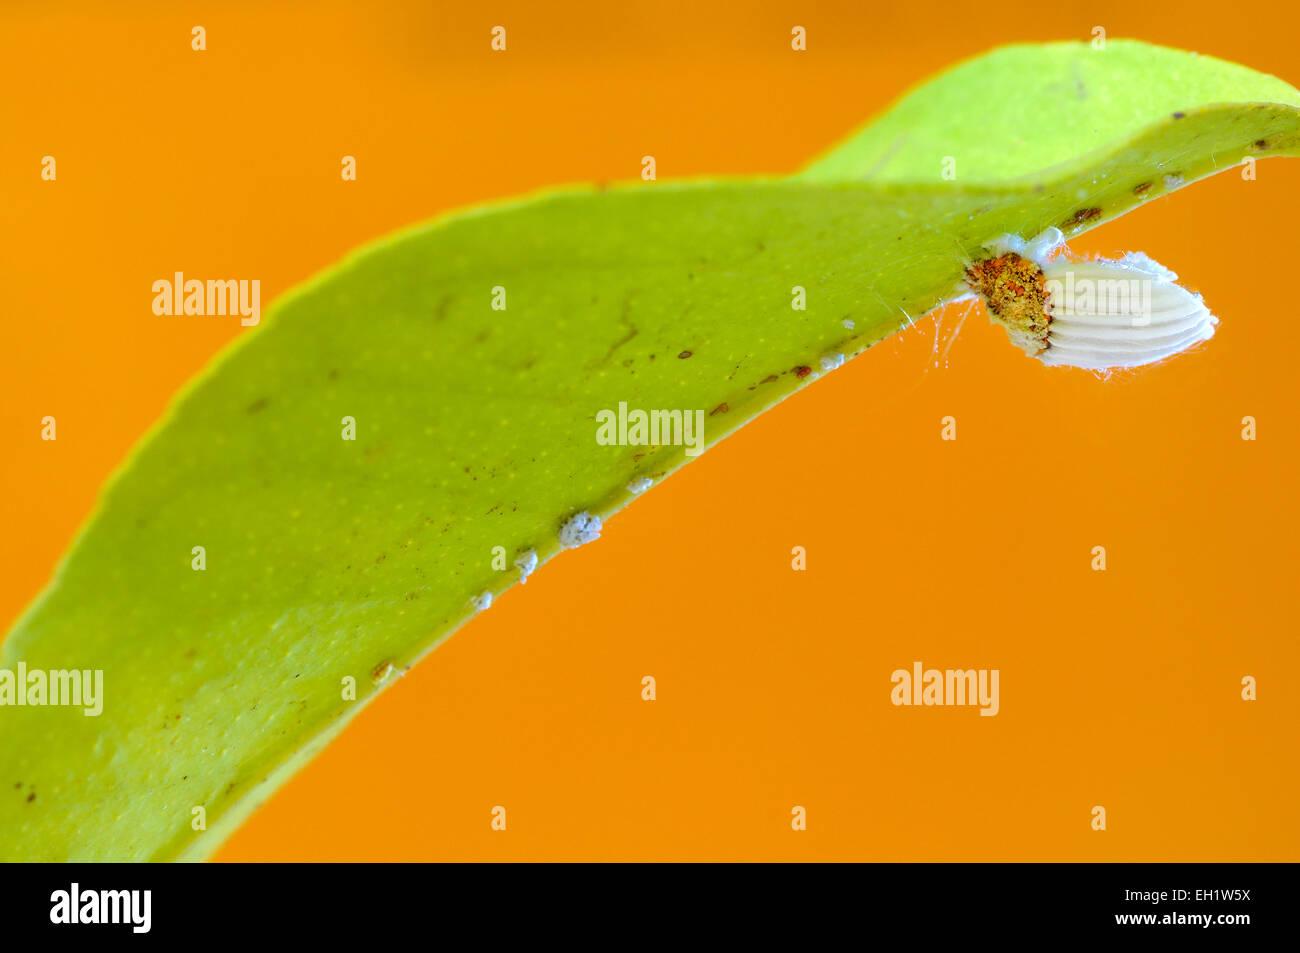 Cottony cushion scale insect (Icerya purchasi) on a lemon leaf - Stock Image